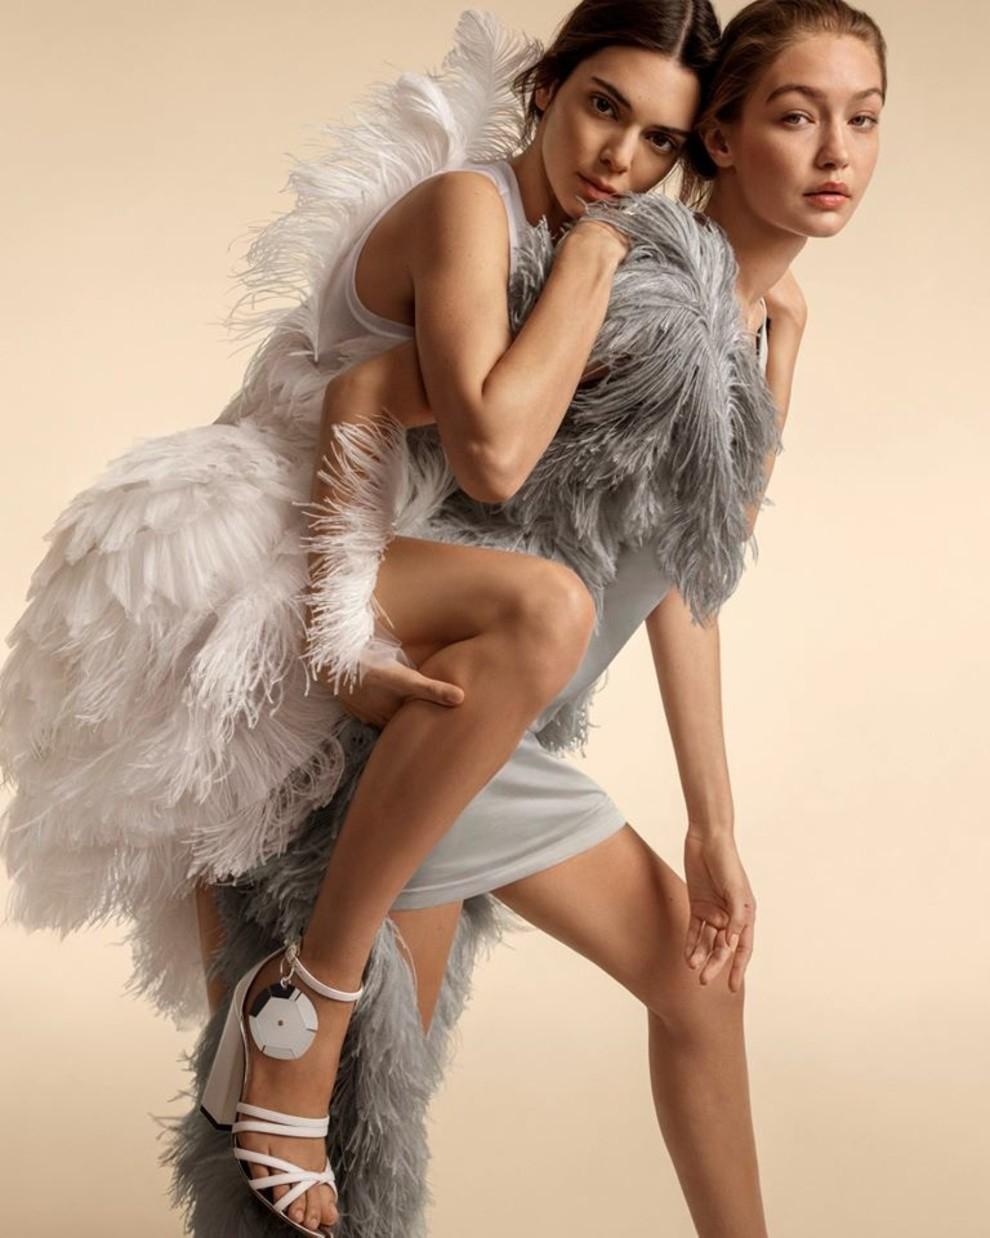 Сестры Хадид и Кендалл Дженнер в рекламной кампании Burberry весна-лето 2020